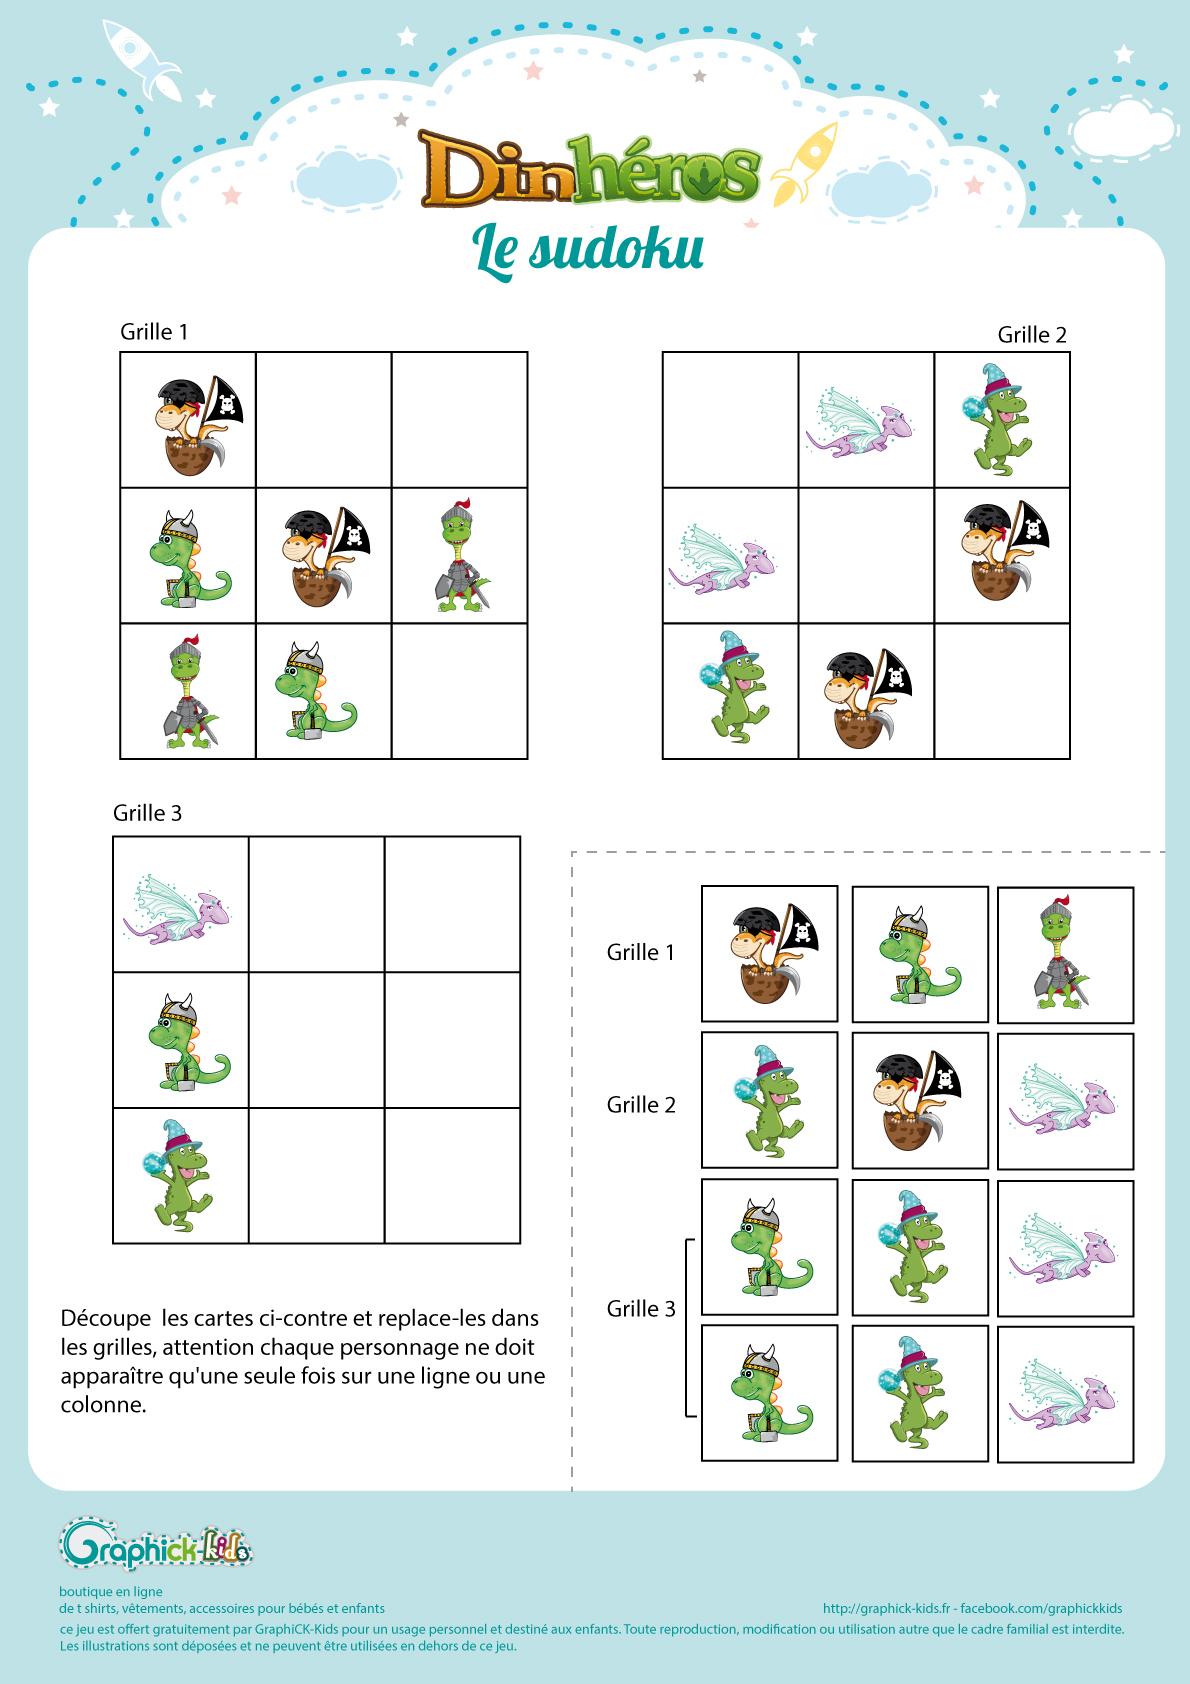 L'activité Du Mercredi : Le Sudoku Des Dinhéros - Graphick-Kids avec Grille Sudoku Gratuite À Imprimer